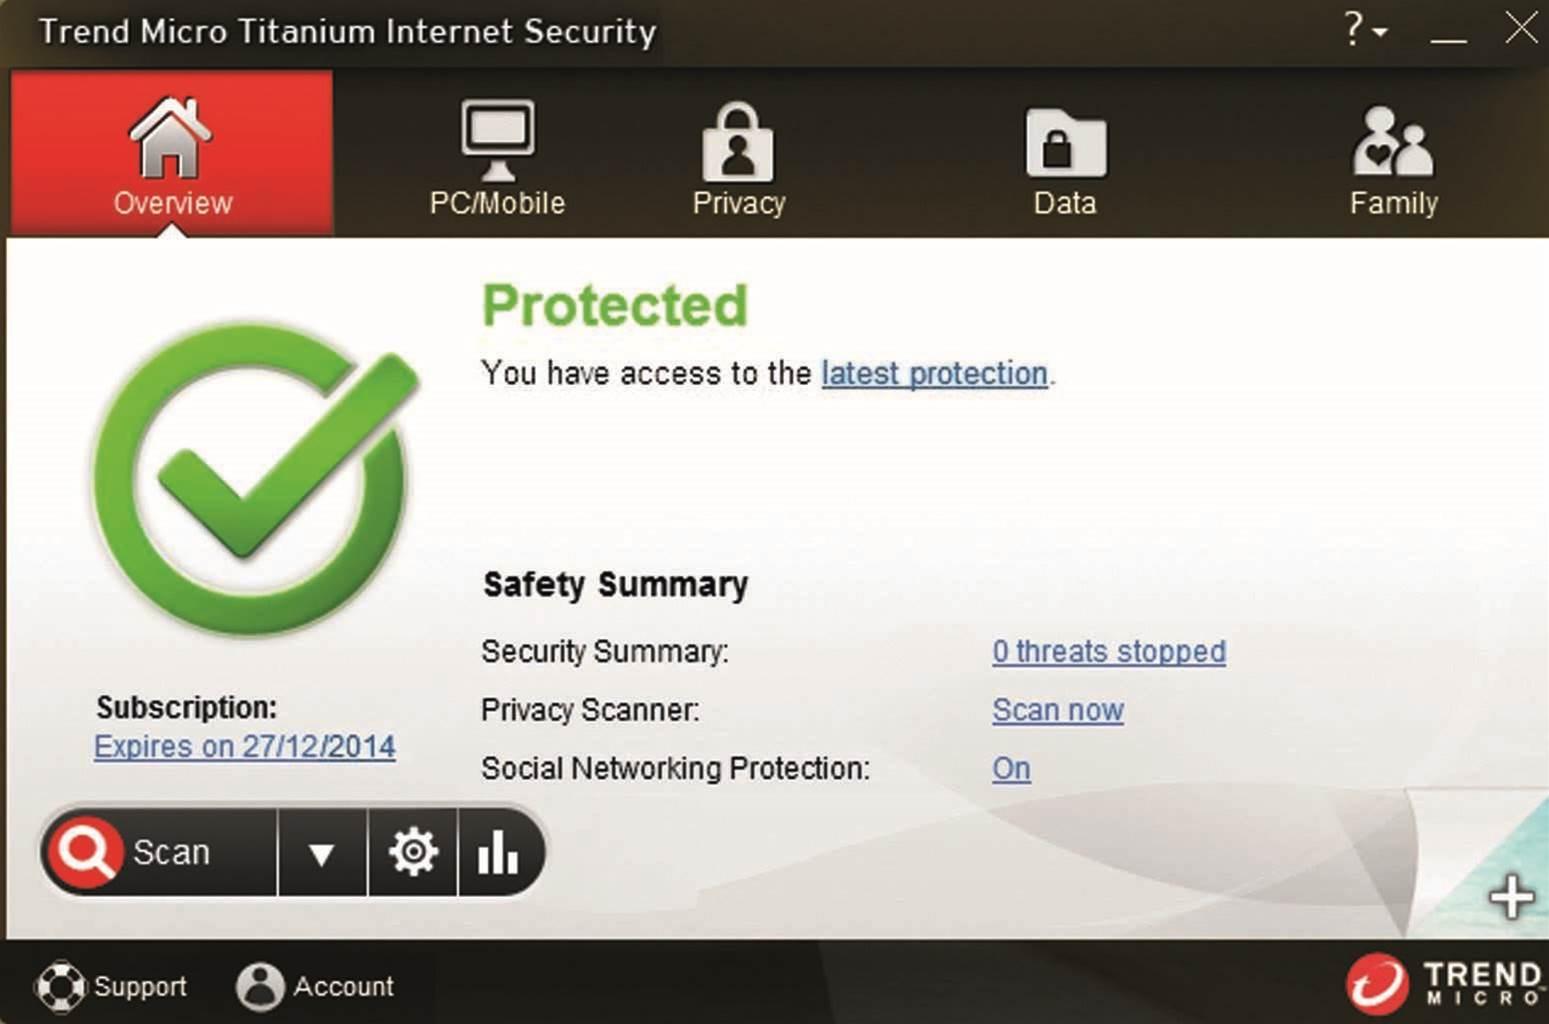 Trend Micro Titanium Internet Security 2014